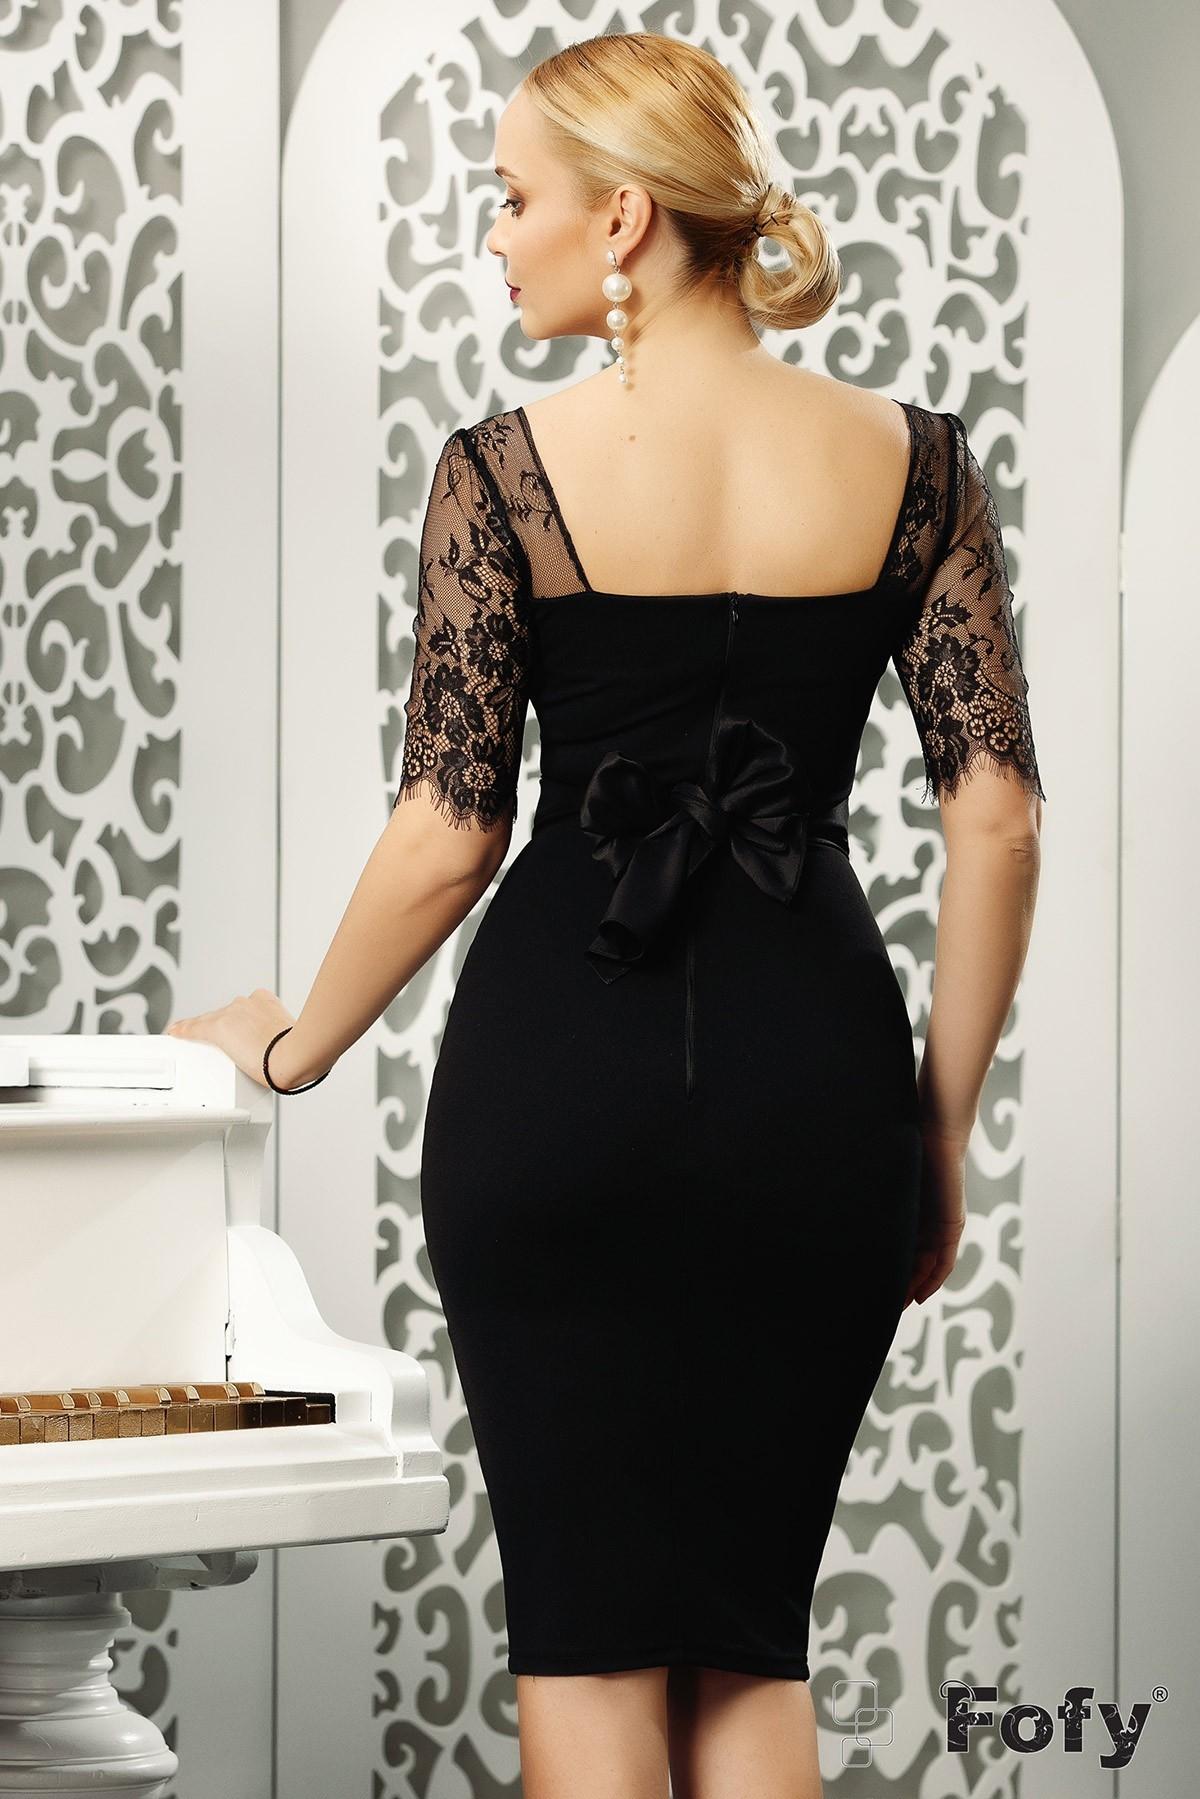 Rochie de seara Fofy neagra din bistrech cu maneci din dantela